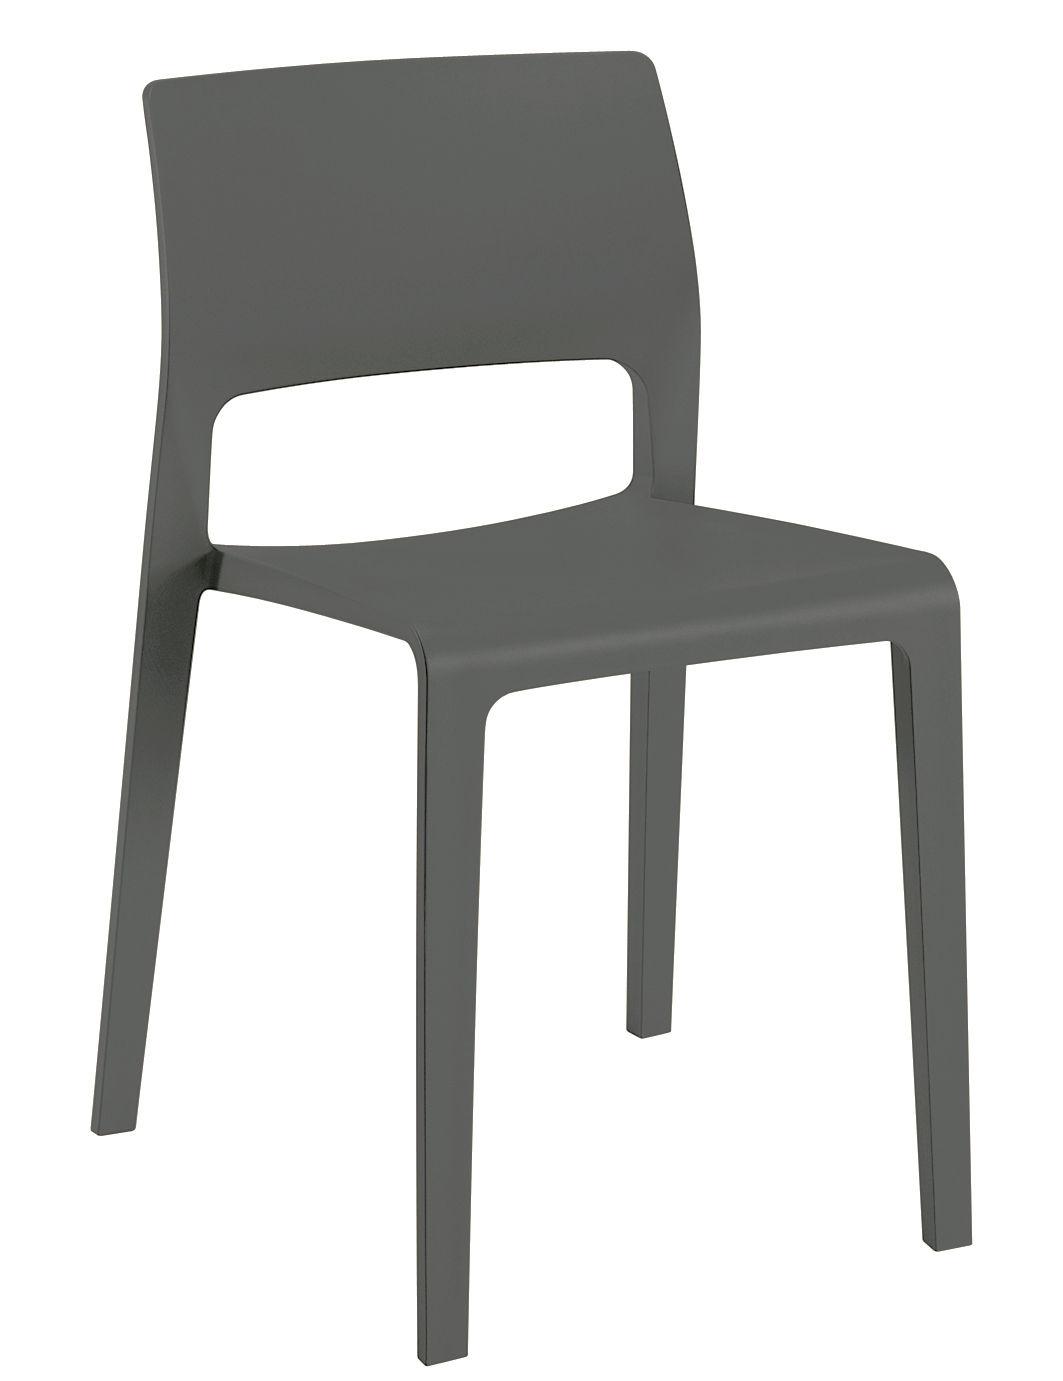 Möbel - Stühle  - Juno Stapelbarer Stuhl - Arper - Anthracite - Polypropylen